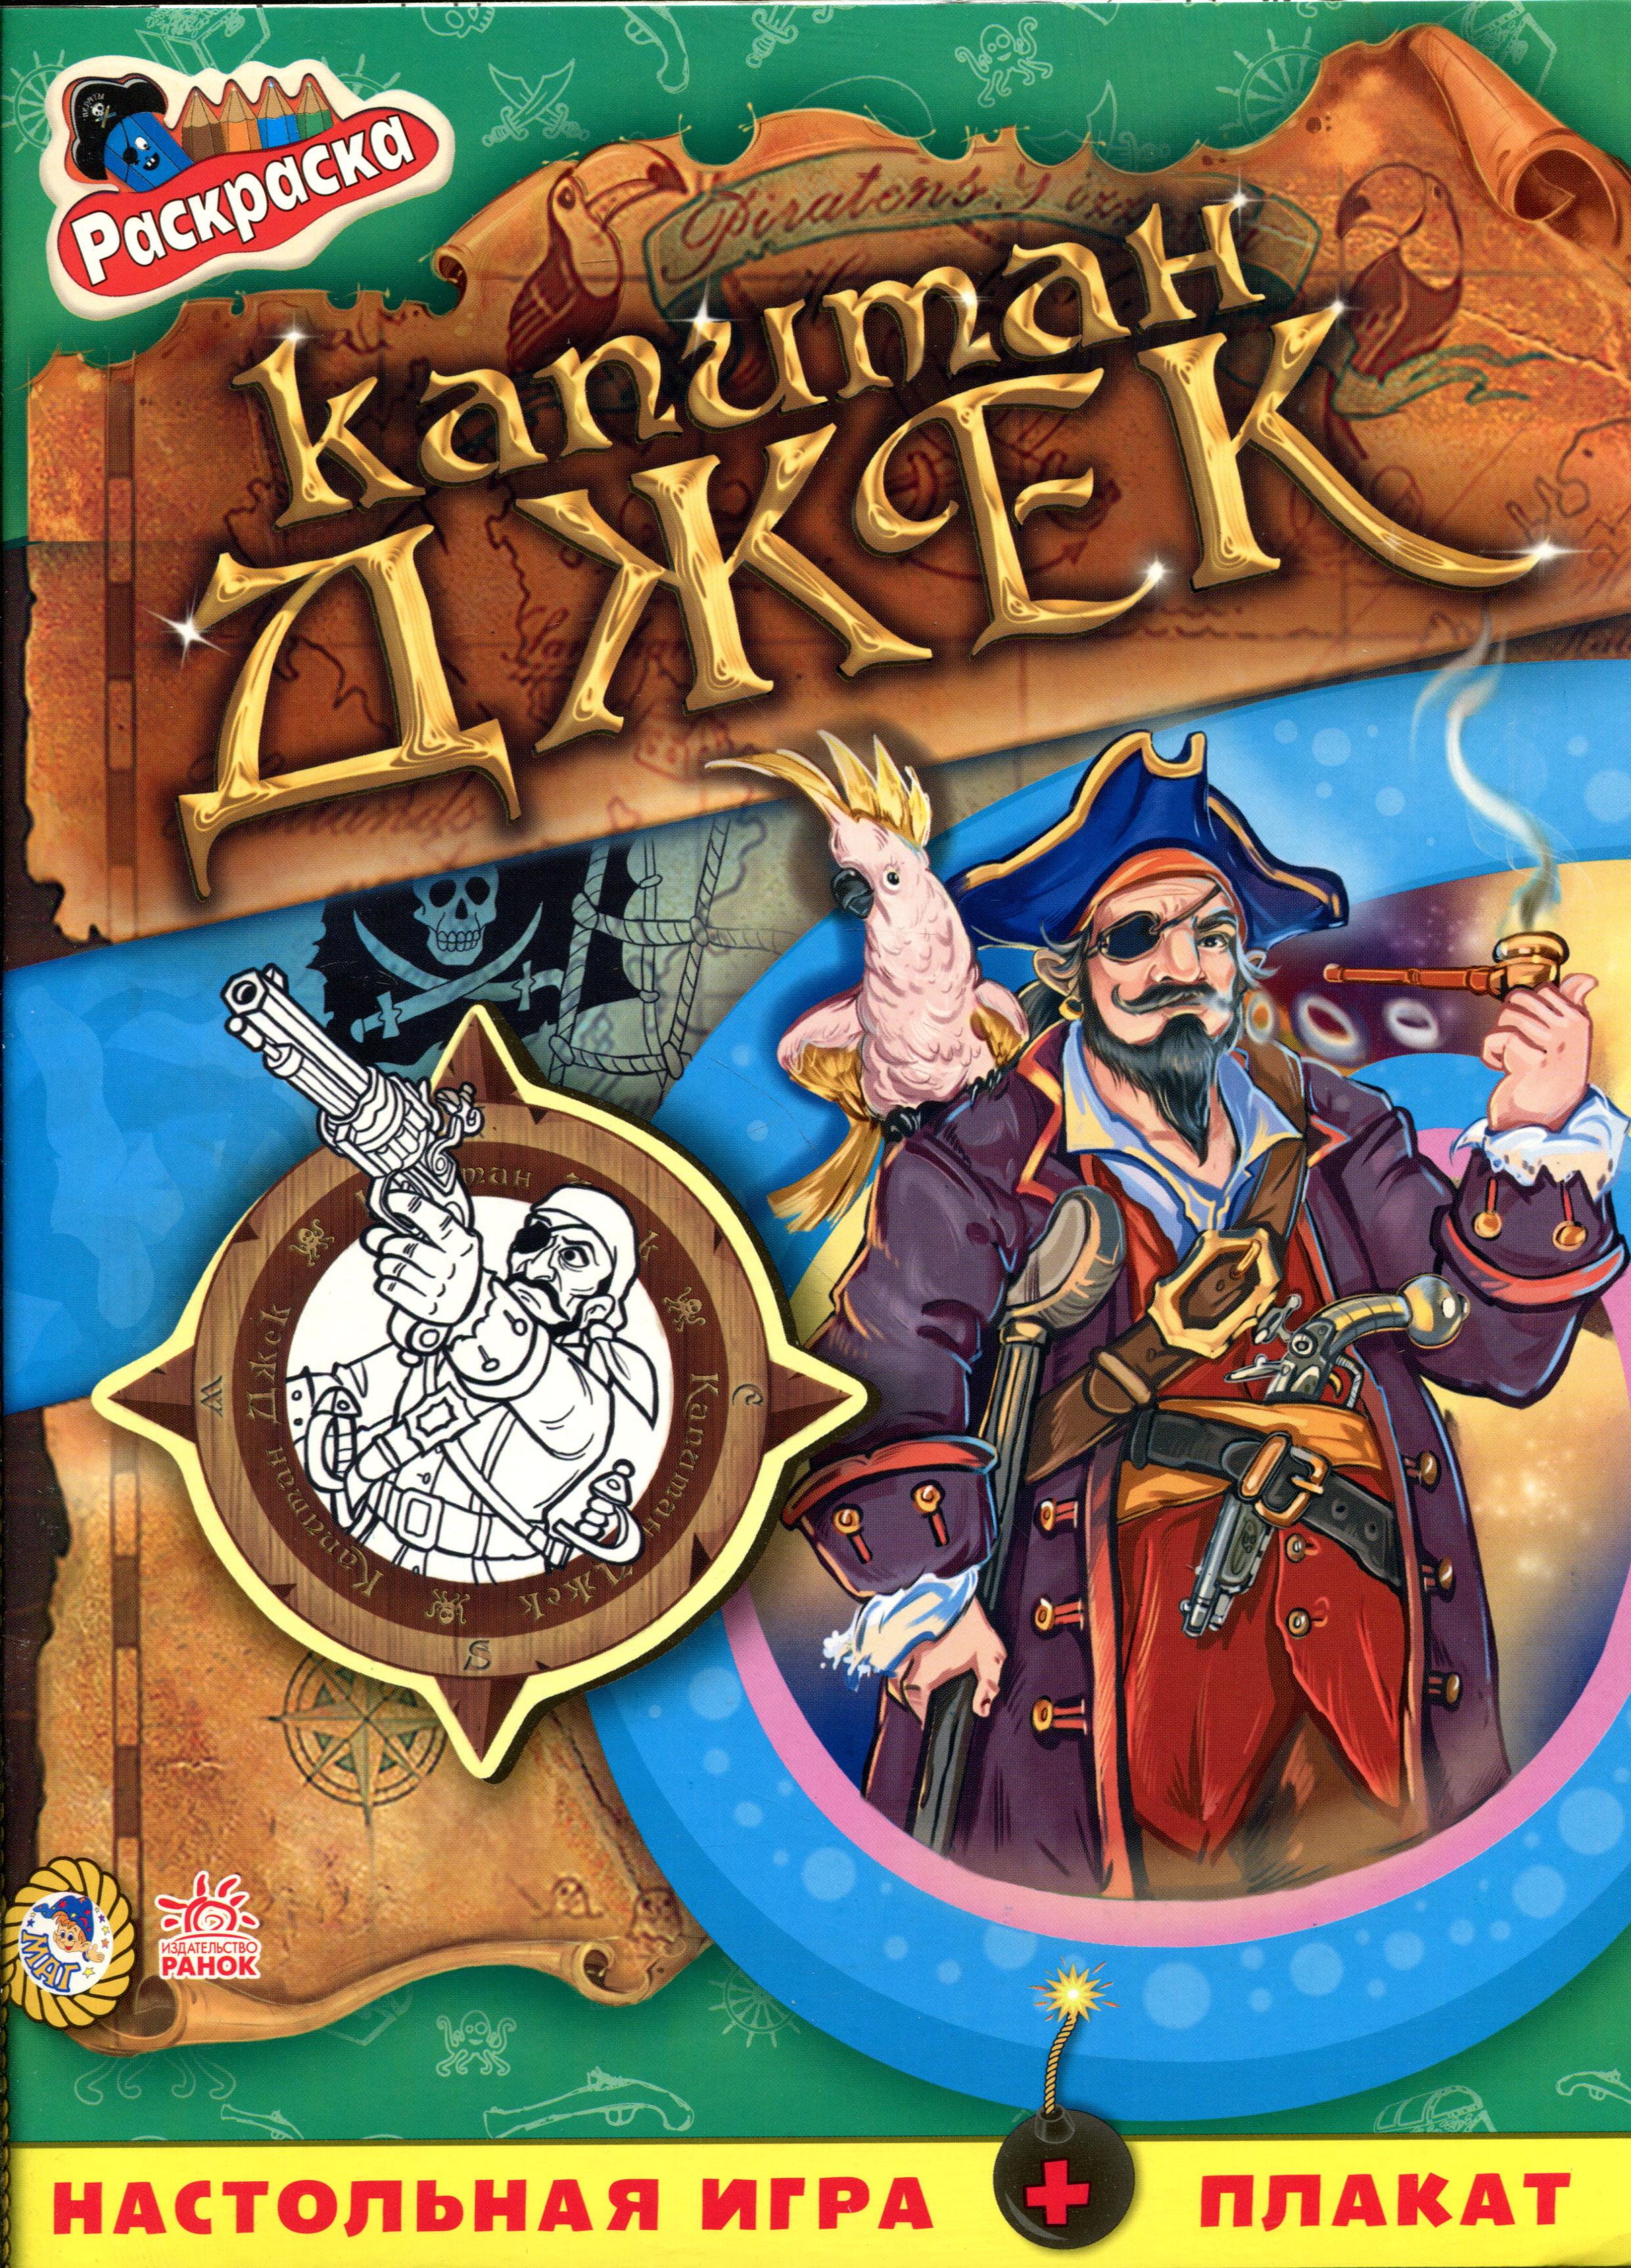 Купить Капитан Джек Раскраска (+ настольная игра и плакат)